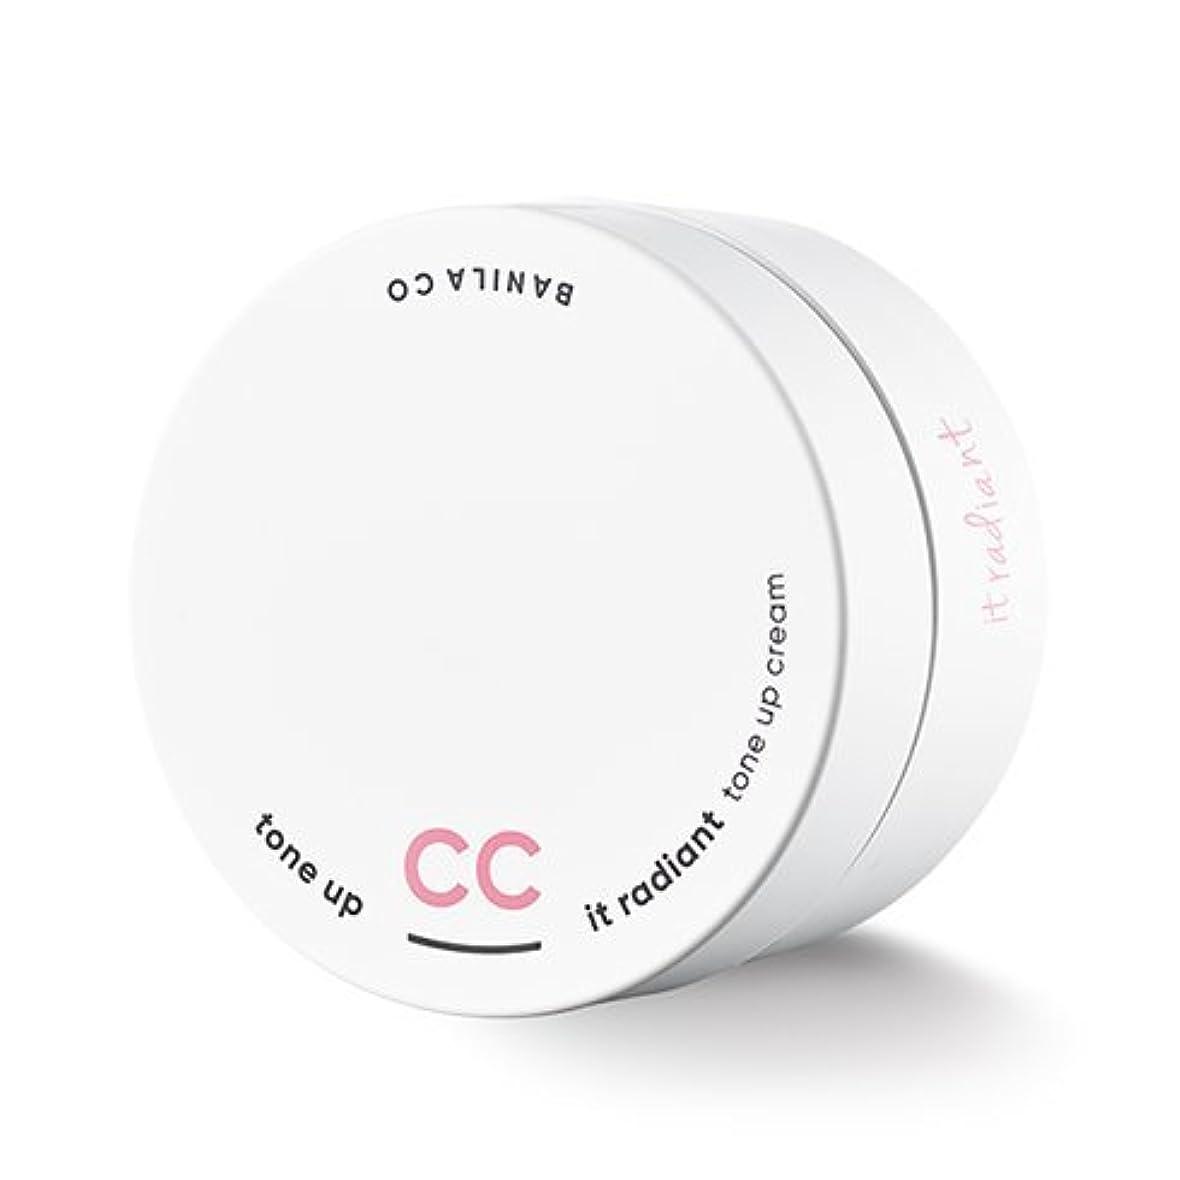 送料機関成長するBANILA CO It Radiant CC Tone Up Cream 50ml/バニラコ イット ラディアント CC トーンアップ クリーム 50ml [並行輸入品]